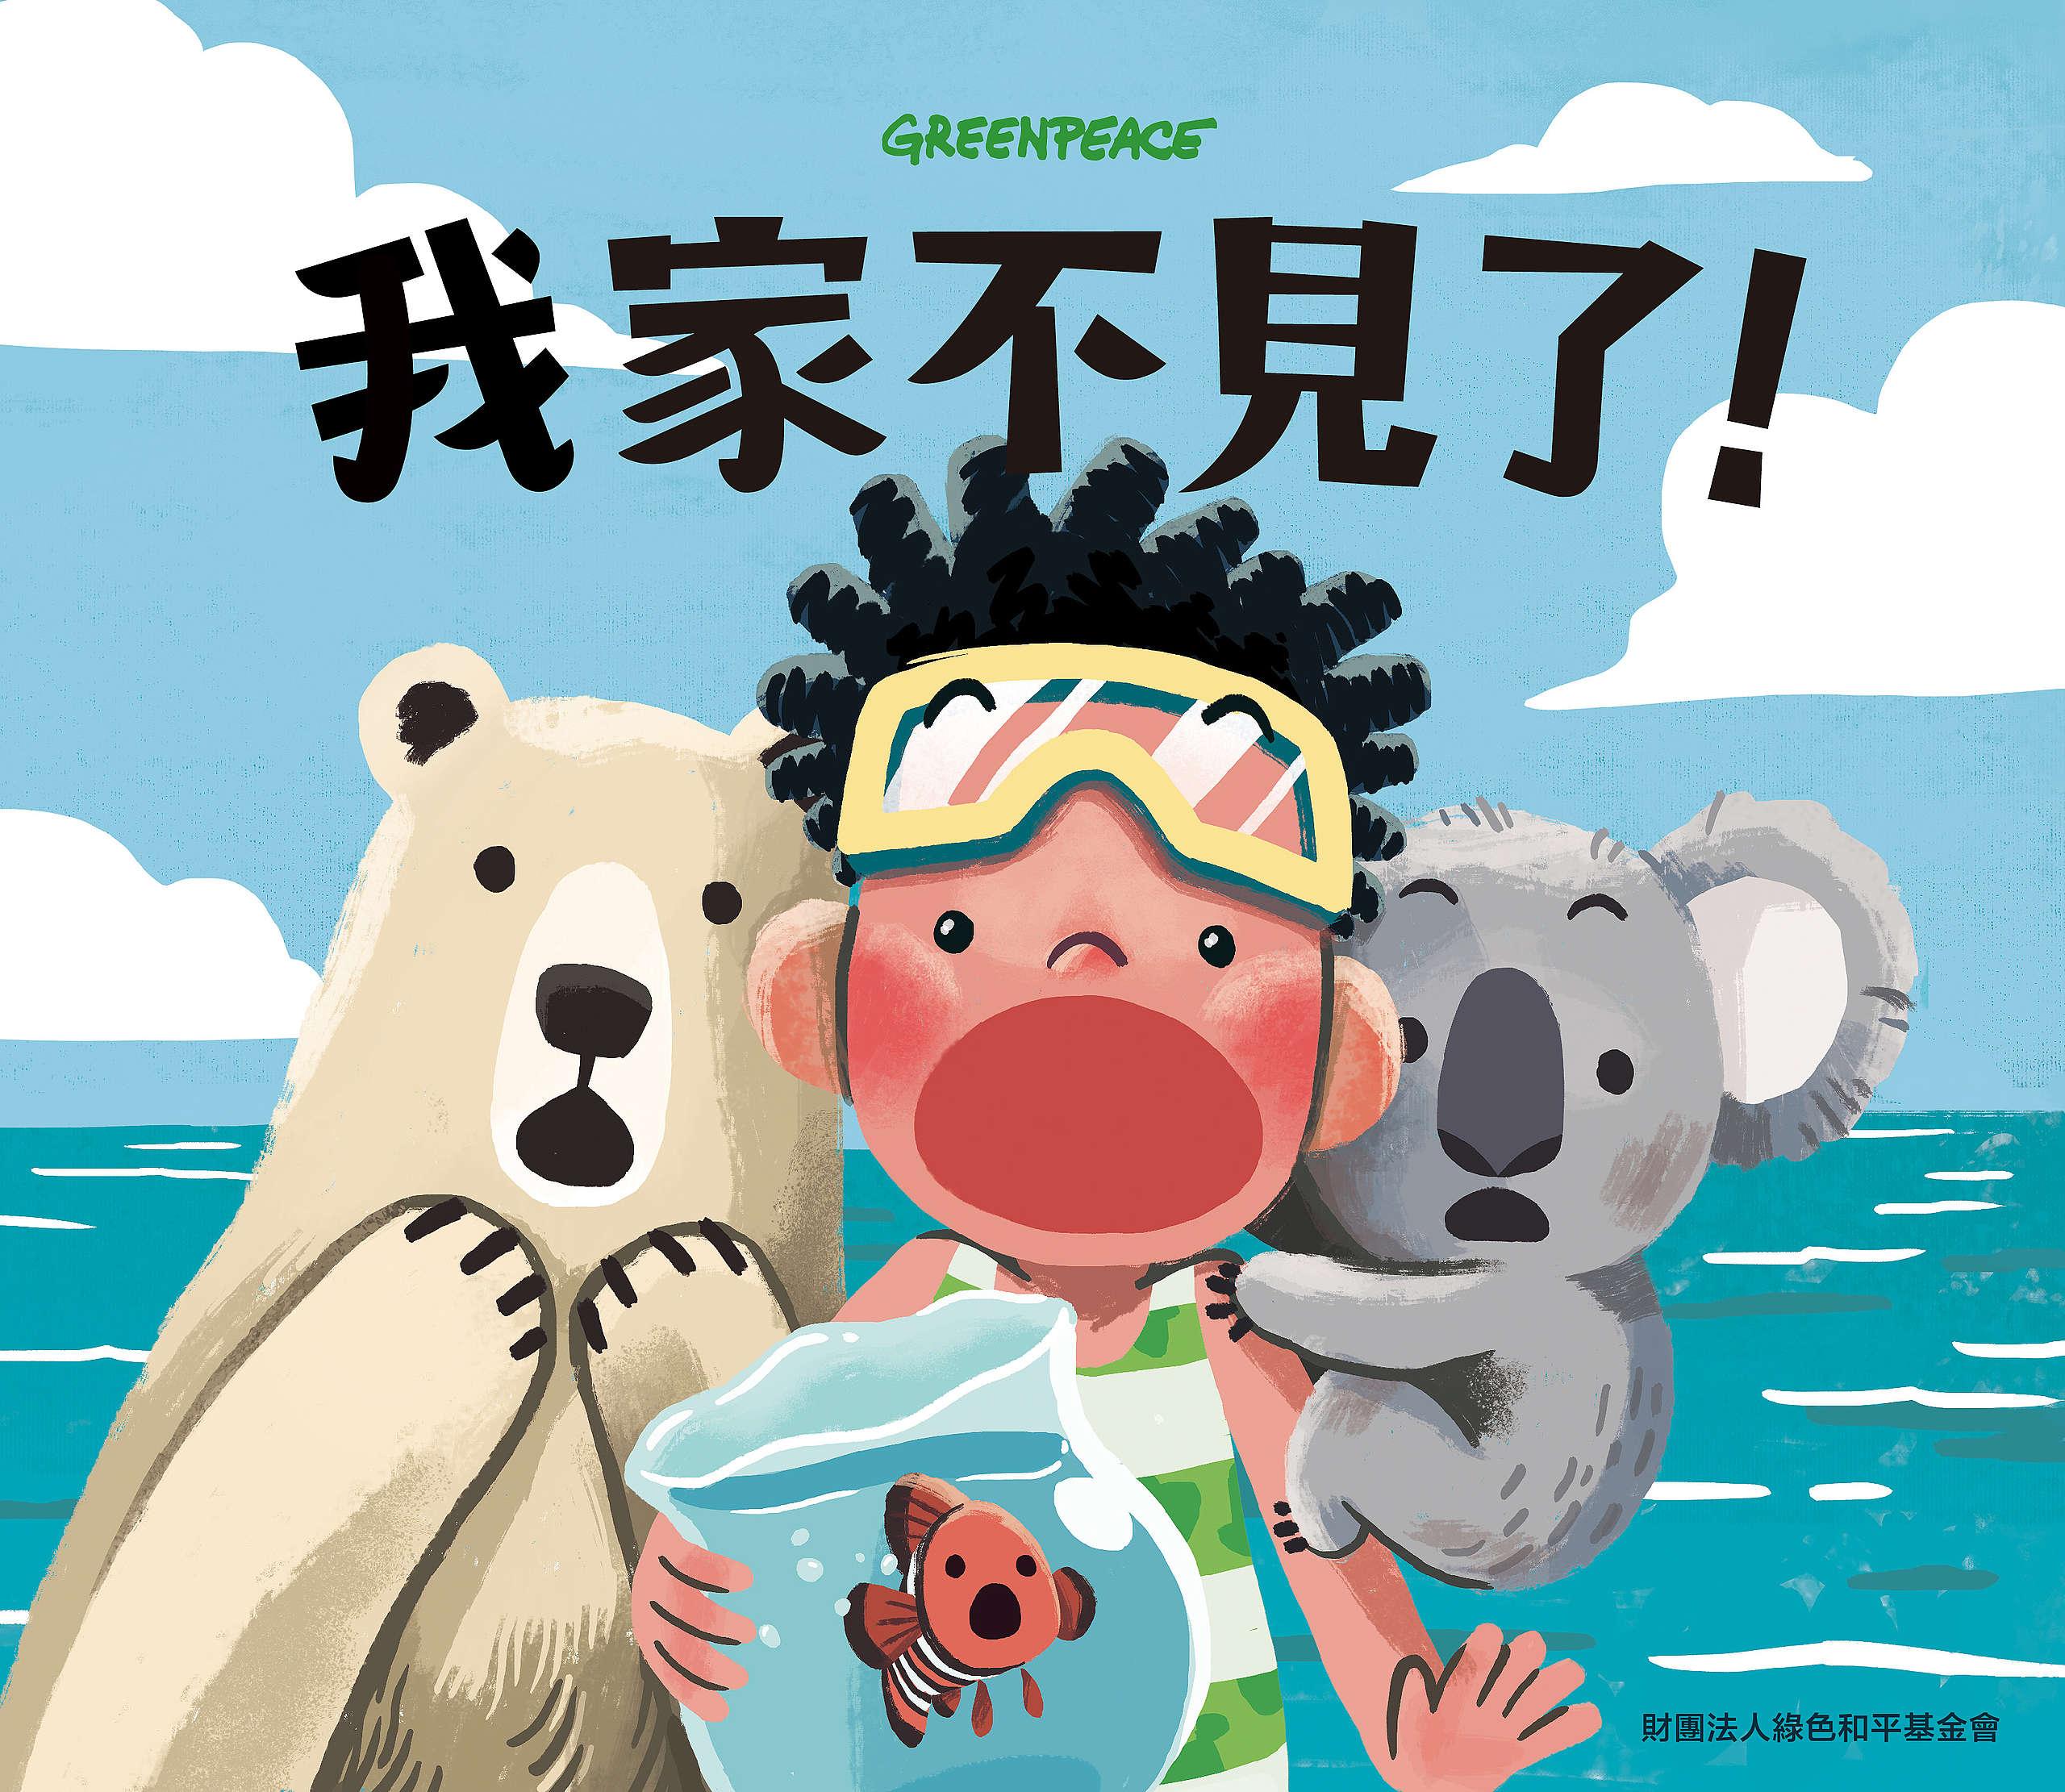 綠色和平製作《我家不見了》氣候教育兒童繪本,自故事構思開始,至插畫、編修、印刷,共花費約九個月的時間完成,於2020年底推出。© Greenpeace